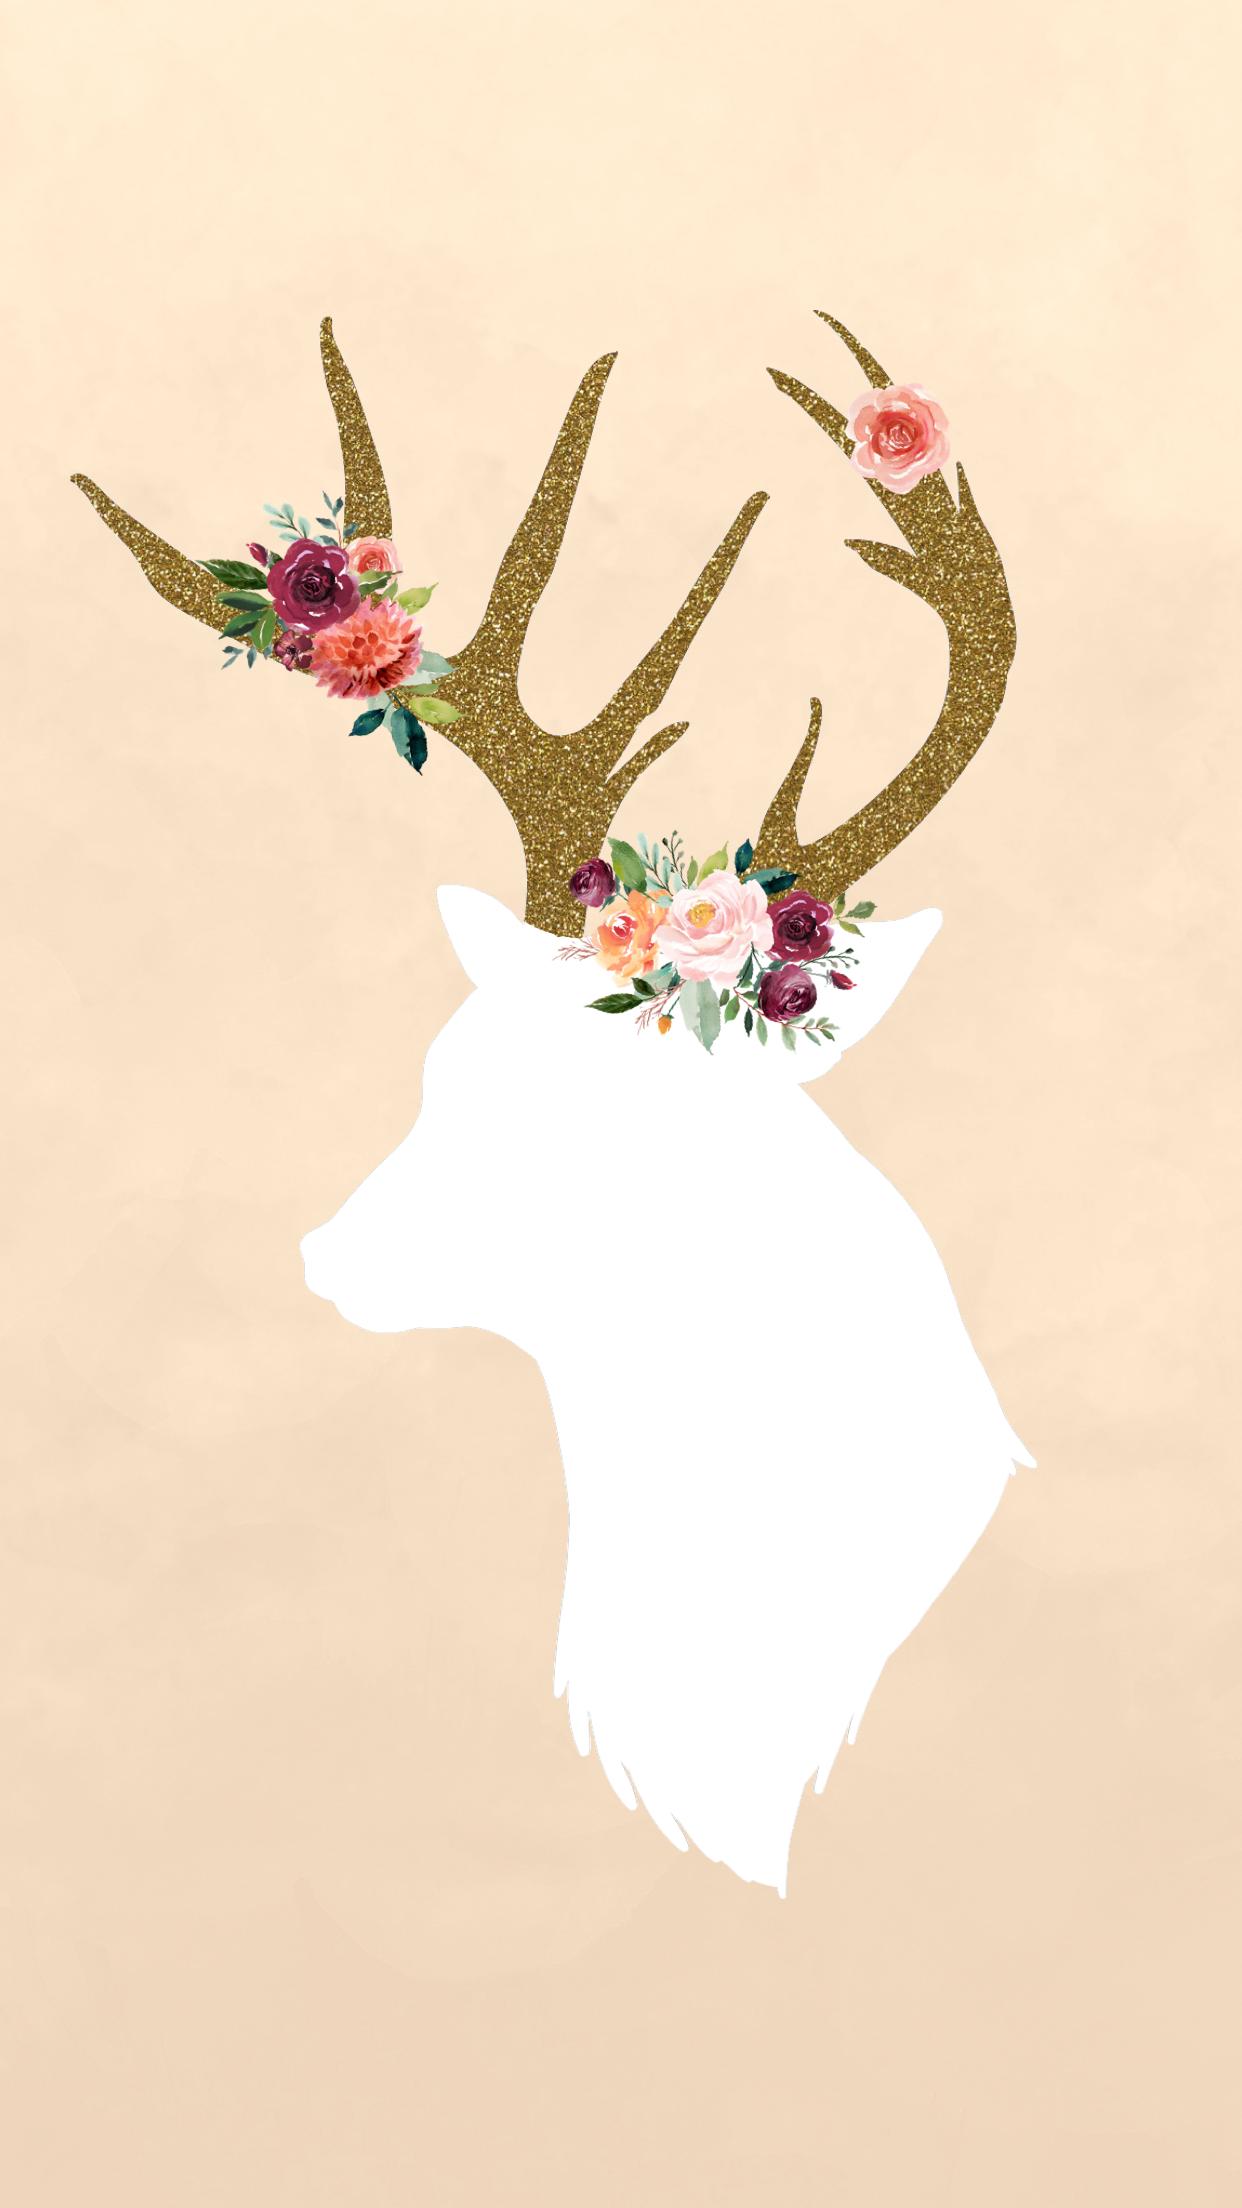 Fall floral deer phone wallpaper wwwlynnmeadowsphotographycom 1242x2208